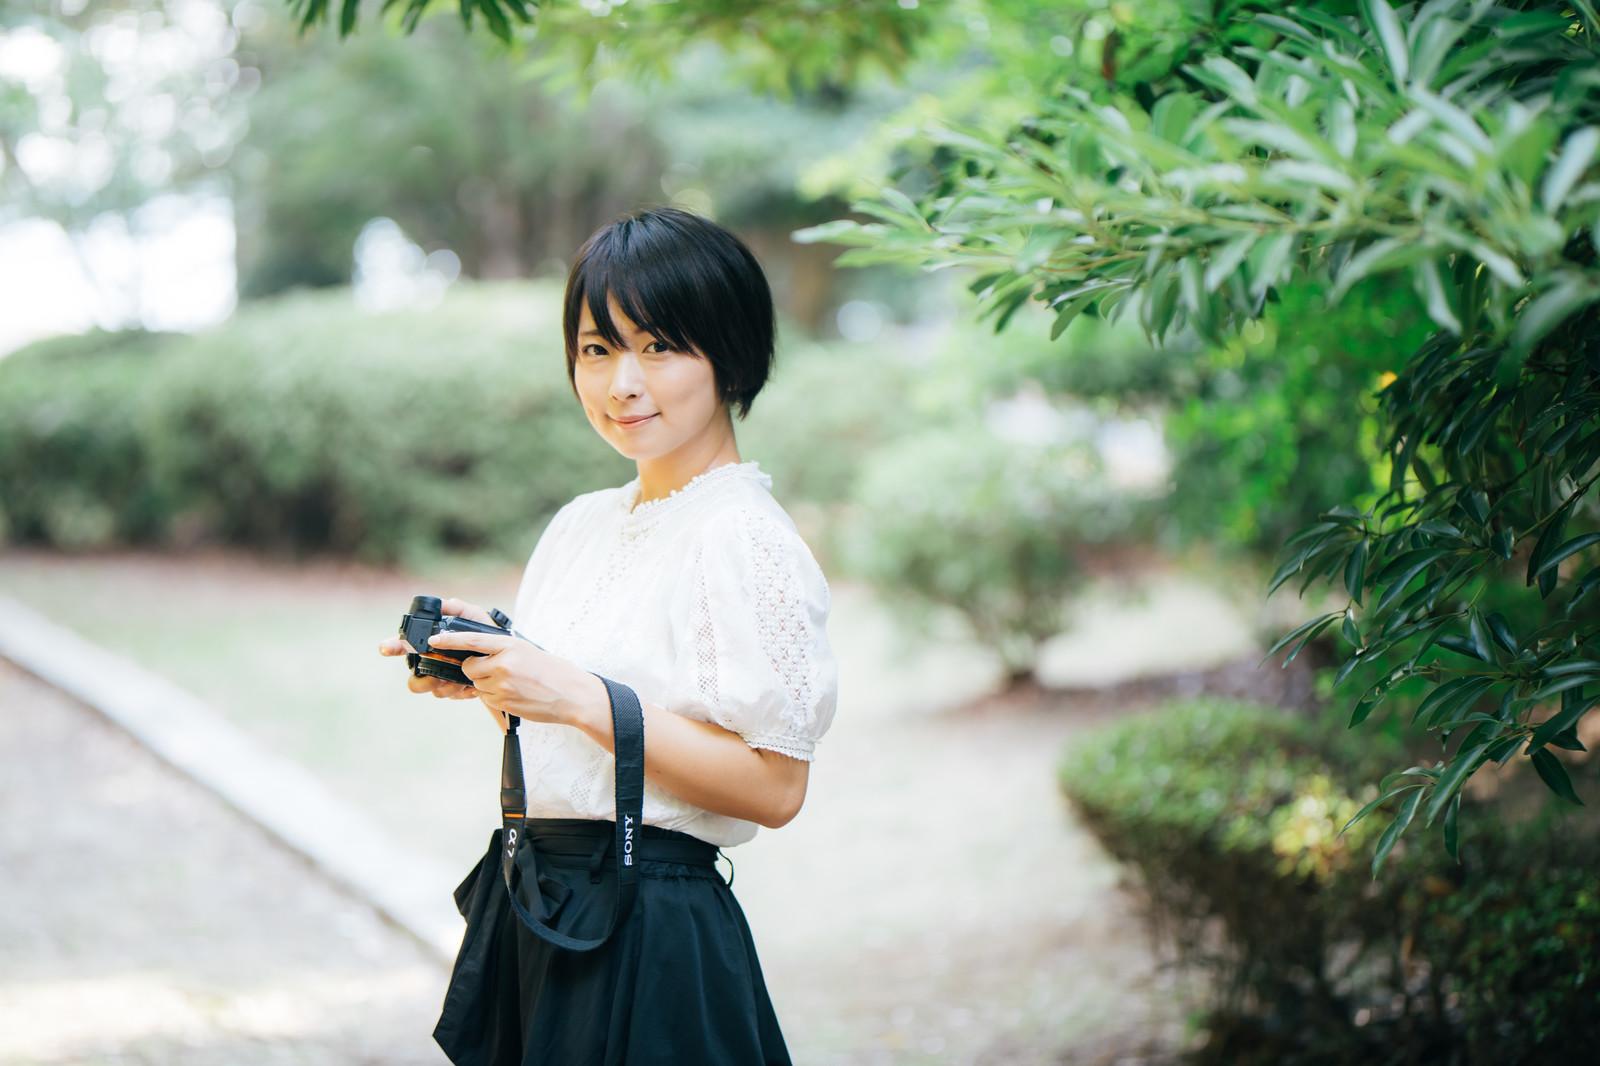 フリーランスの生き方を決めてカメラを持っている女性の画像